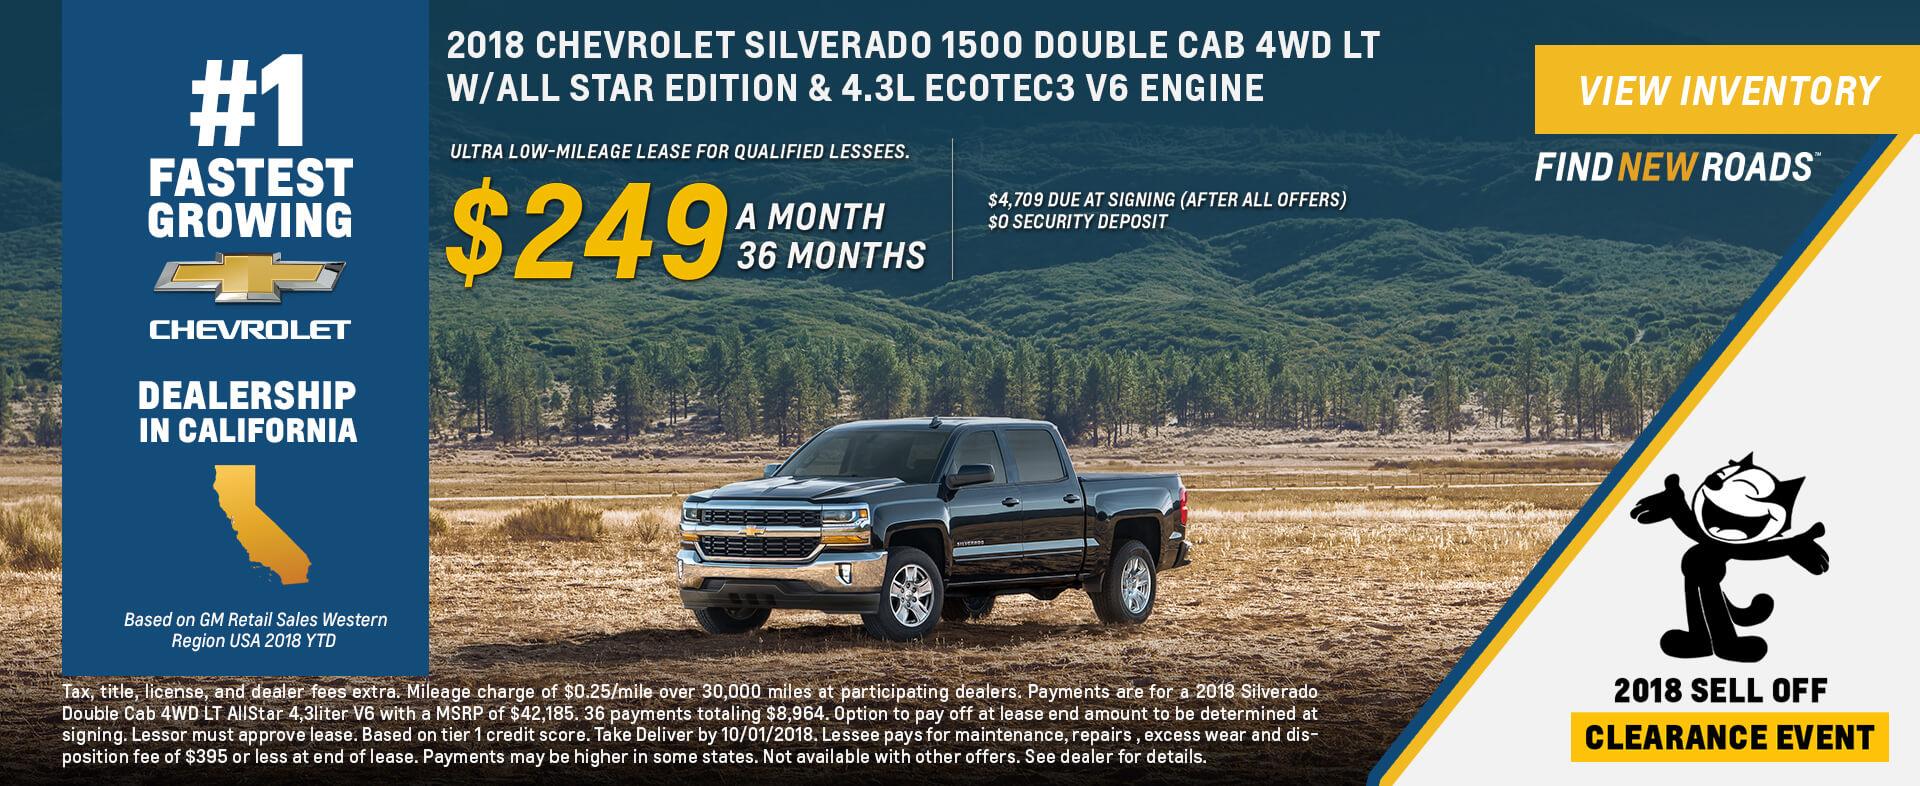 Chevrolet Silverado $249 Lease